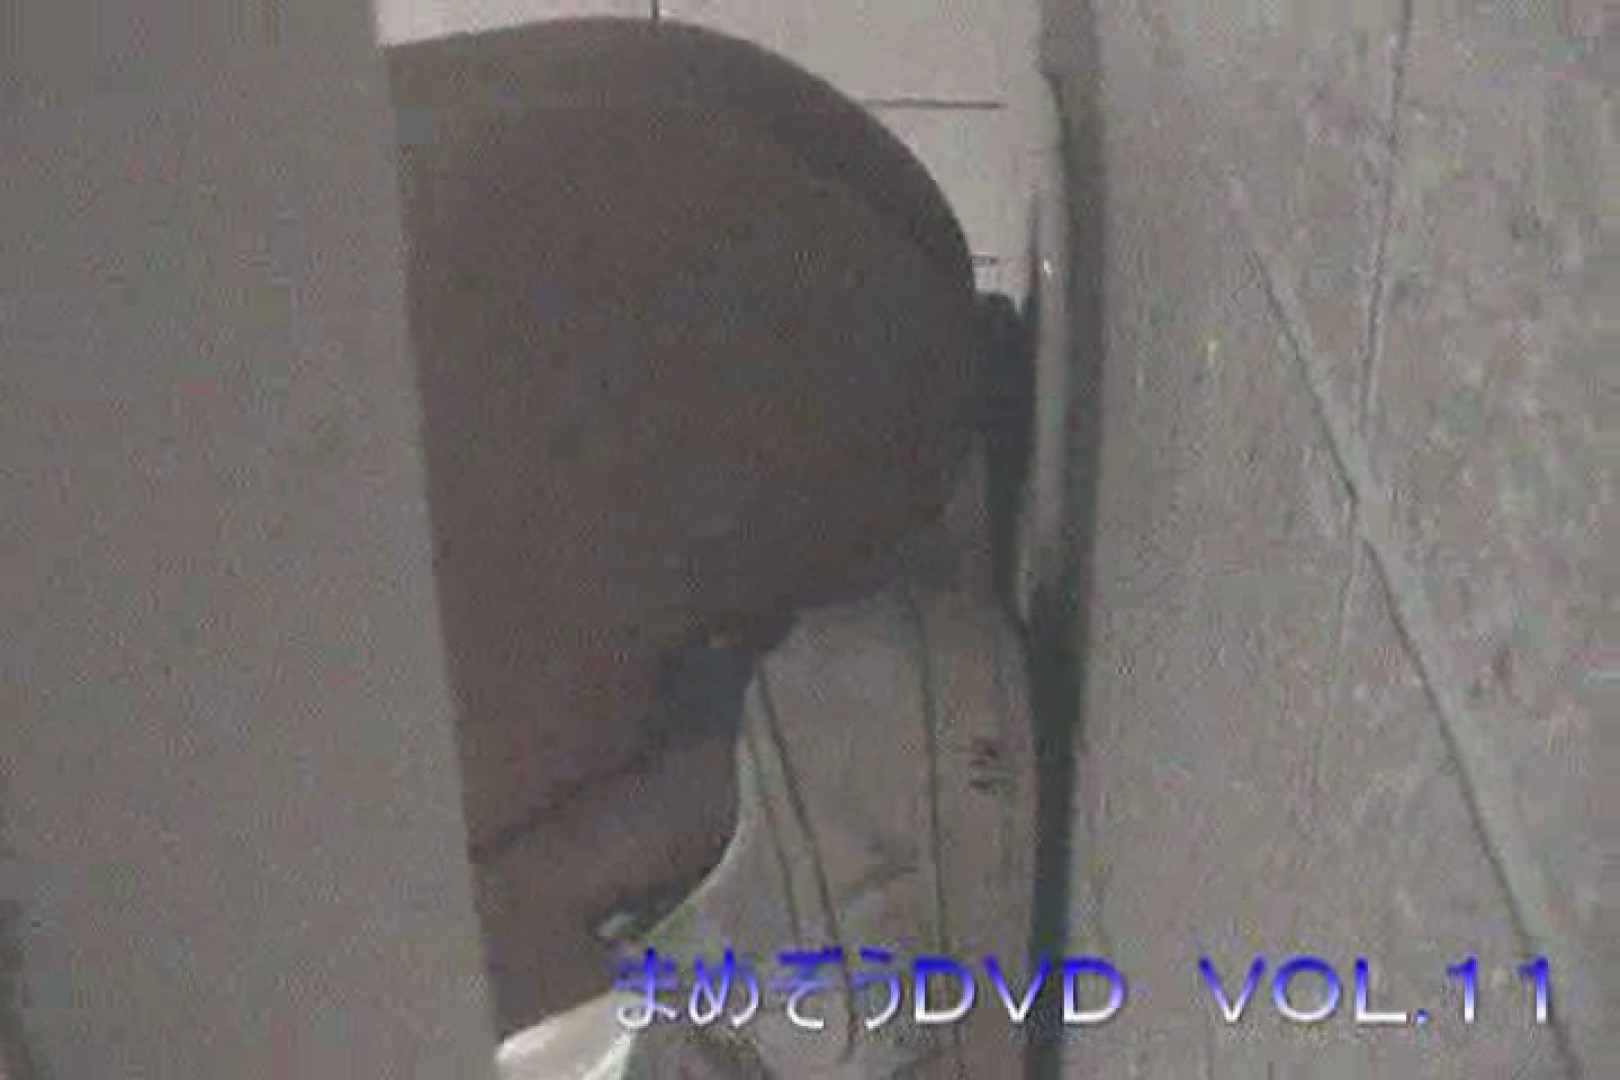 盗撮おまんこ まめぞうDVD完全版VOL.11 怪盗ジョーカー